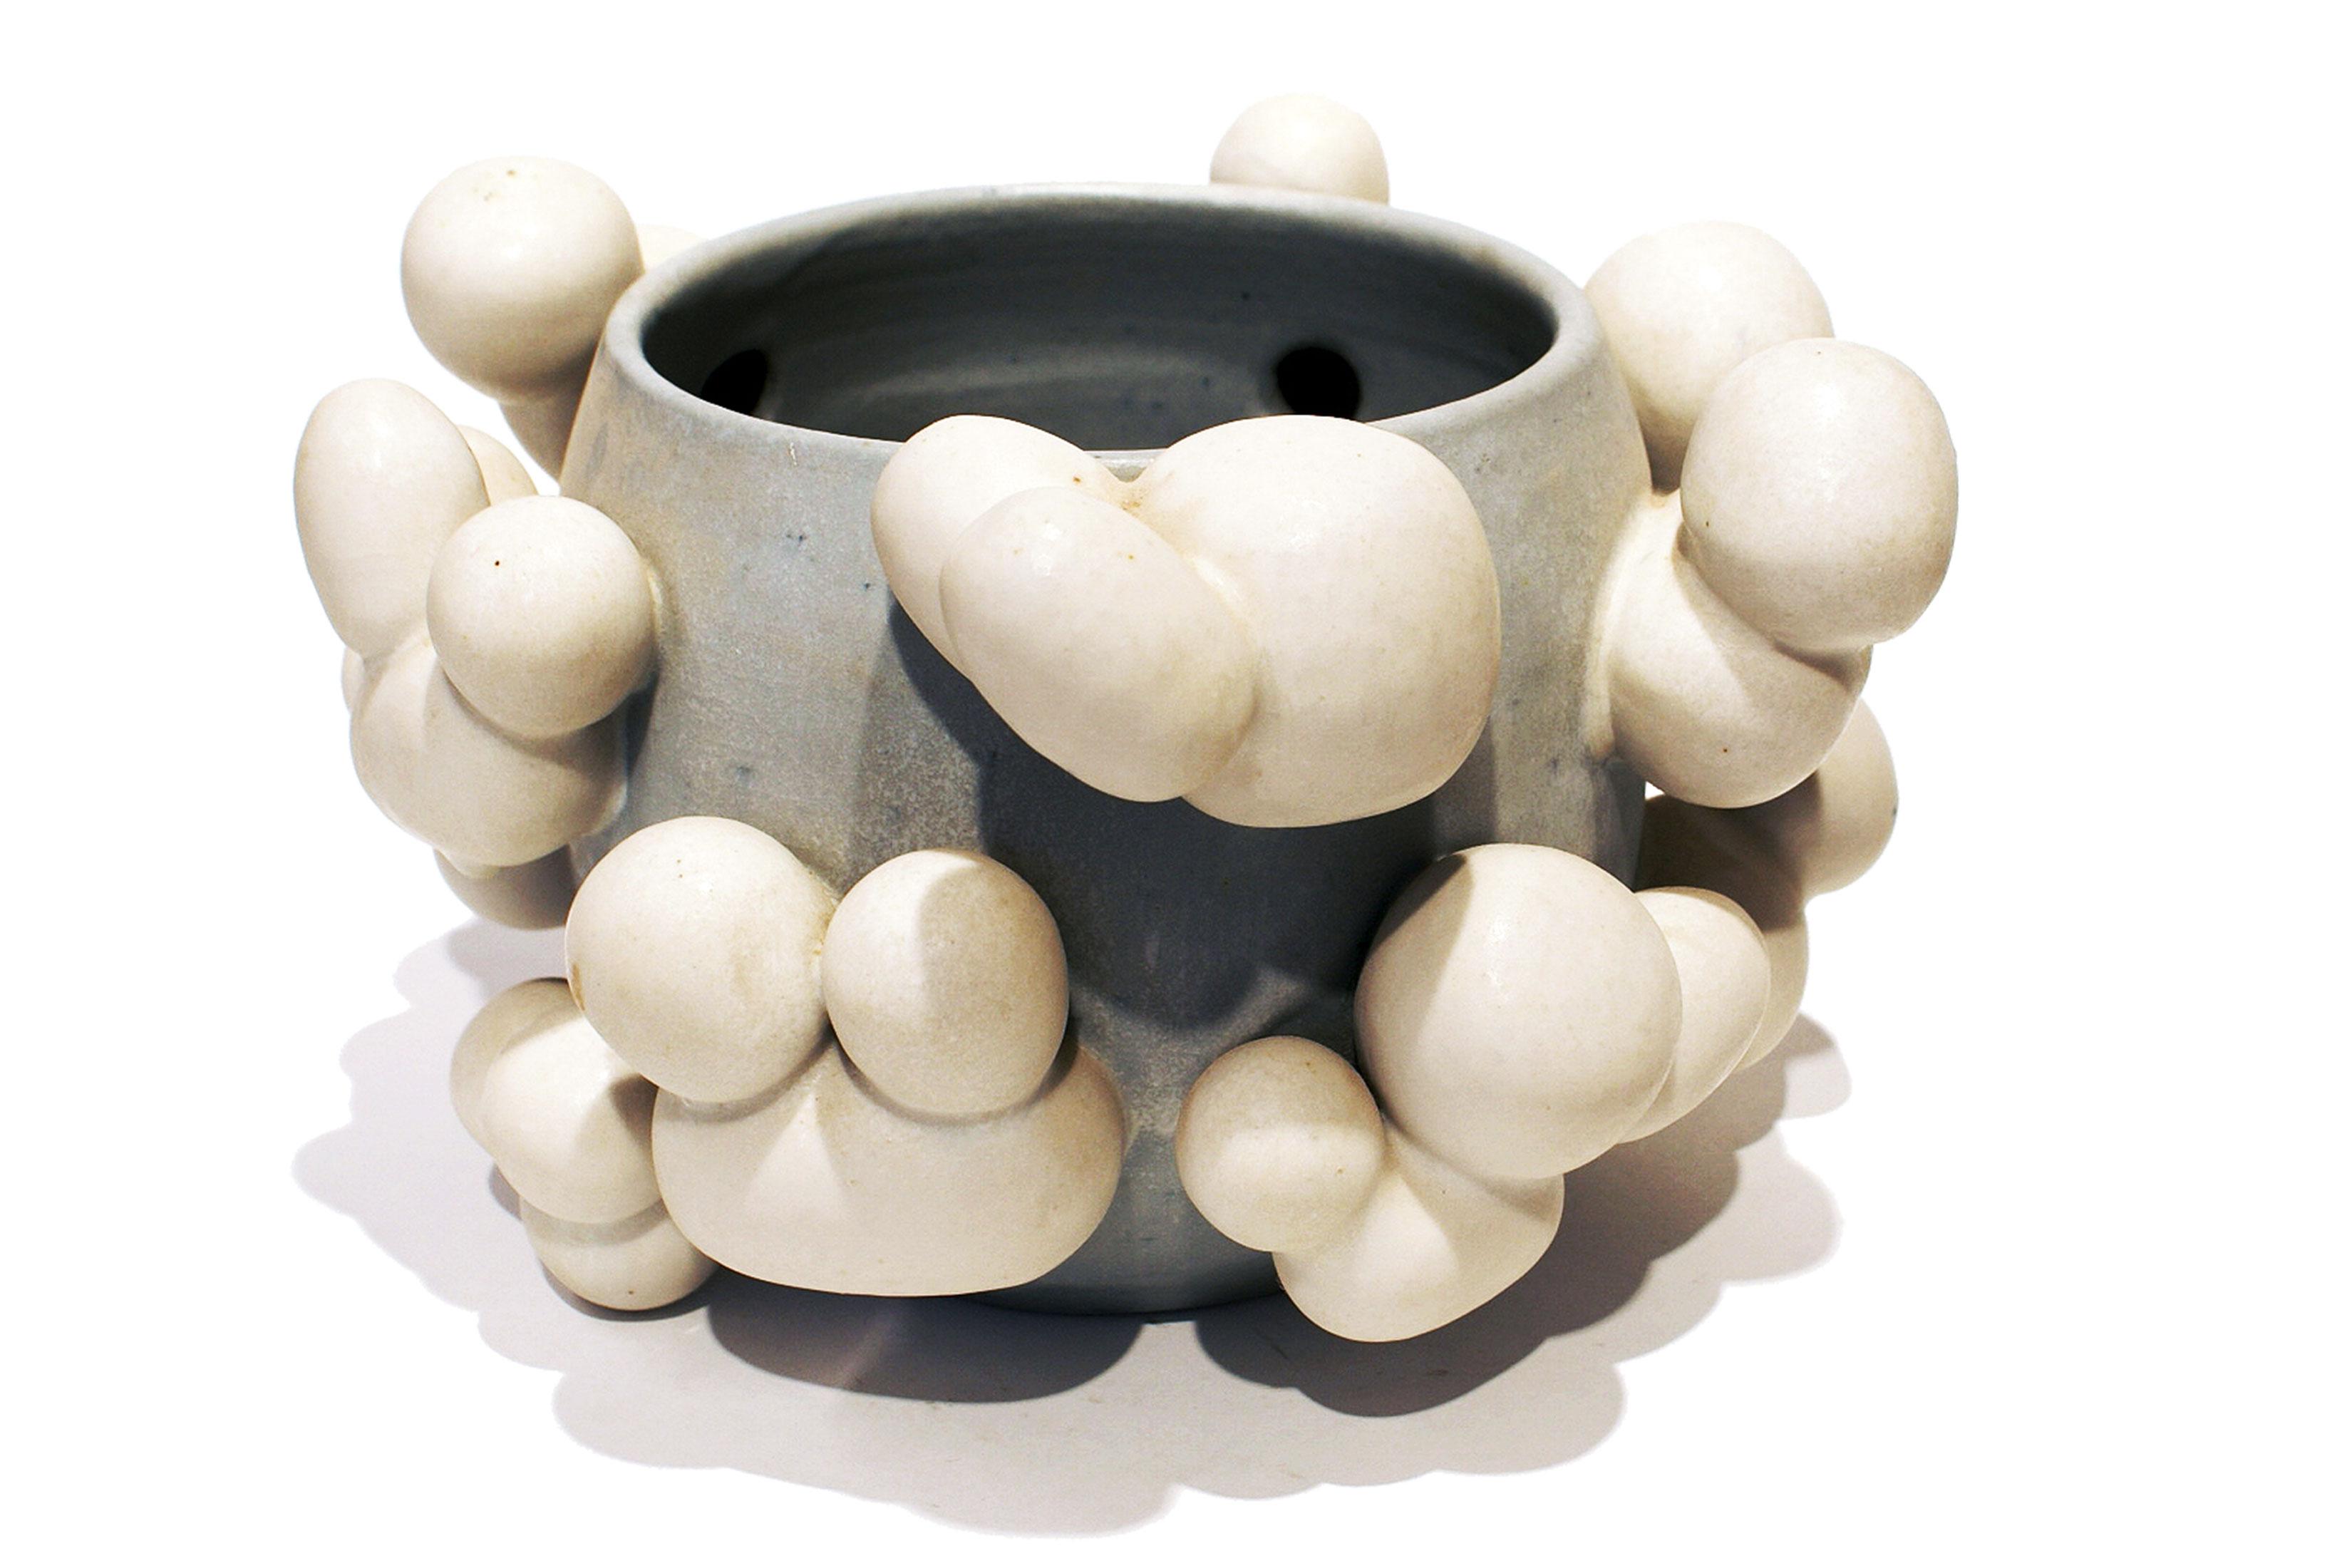 Beate Kuhn –Wolkengefaeß –about 2010 17,6x29x27,5 cm galerie metzger sculpture ceramic plastische arbeit gallery aschaffenburg.